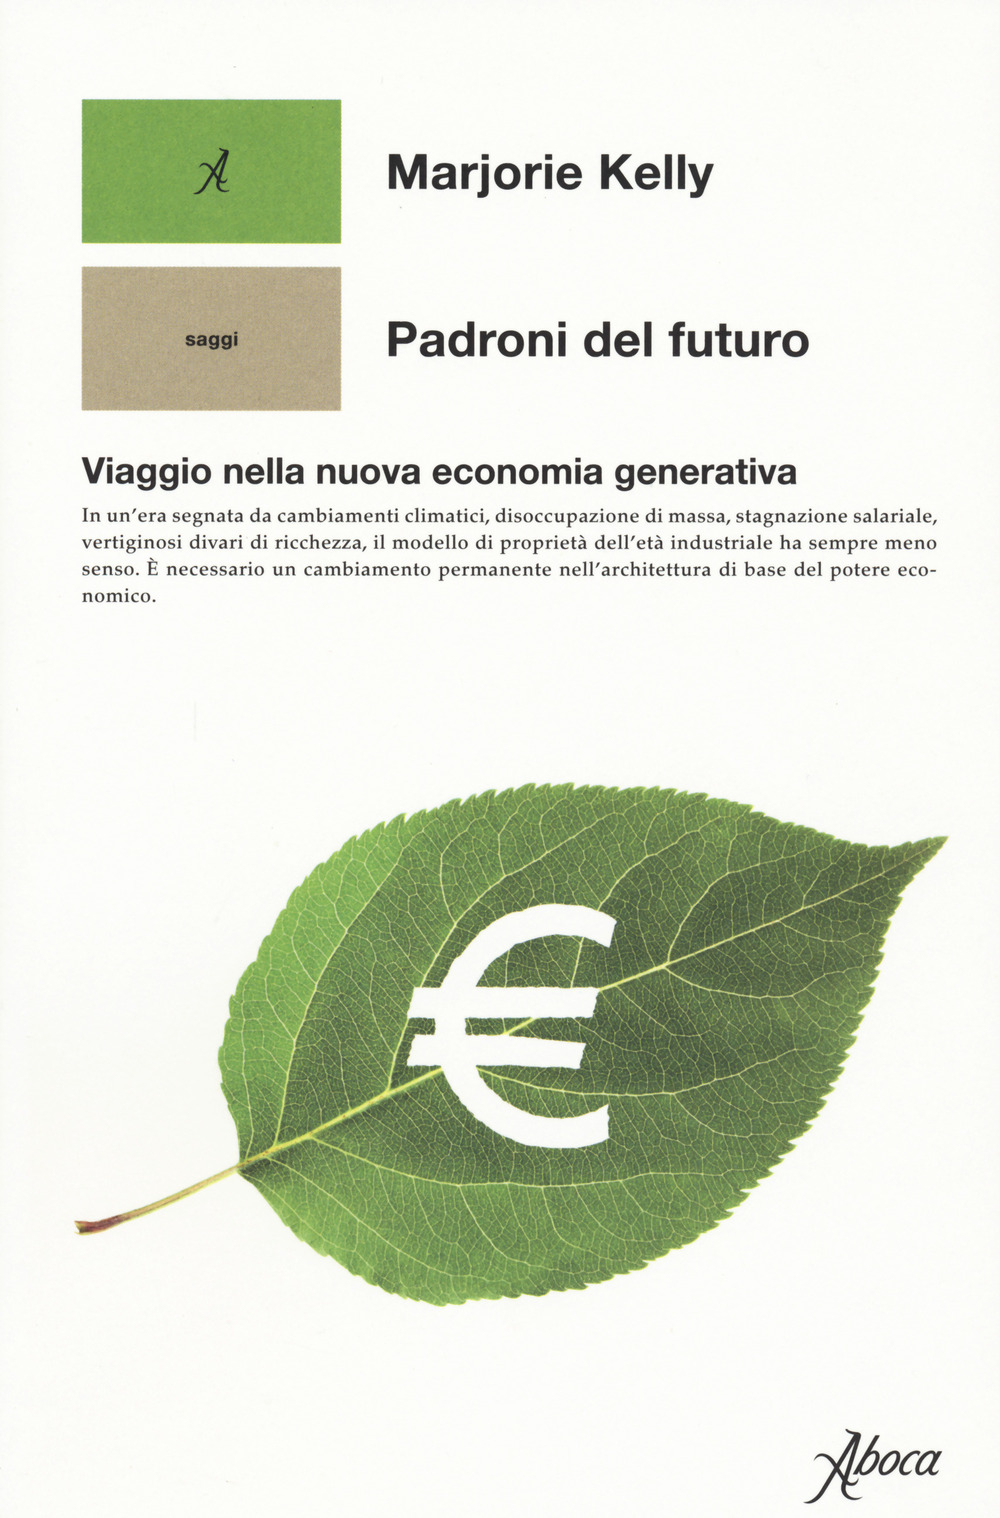 Image of Padroni del futuro. Viaggio nella nuova economia generativa